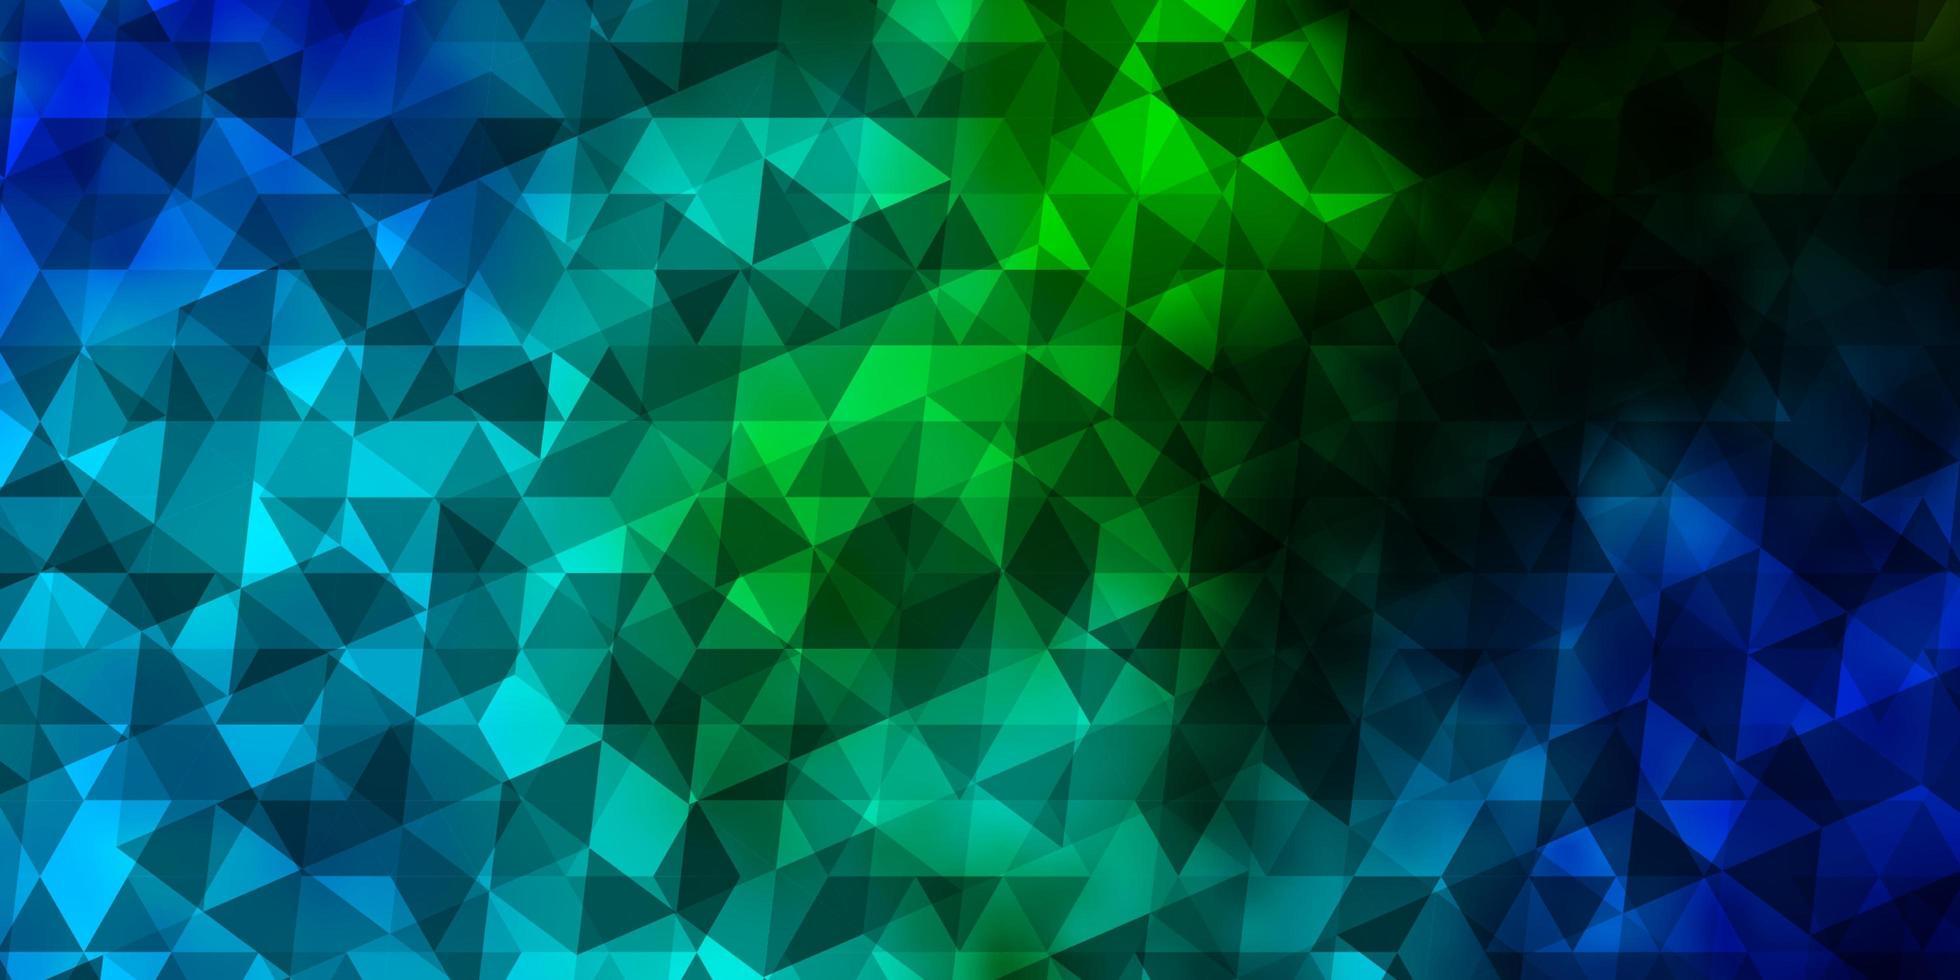 lichtblauwe, groene vectorlay-out met lijnen, driehoeken. vector